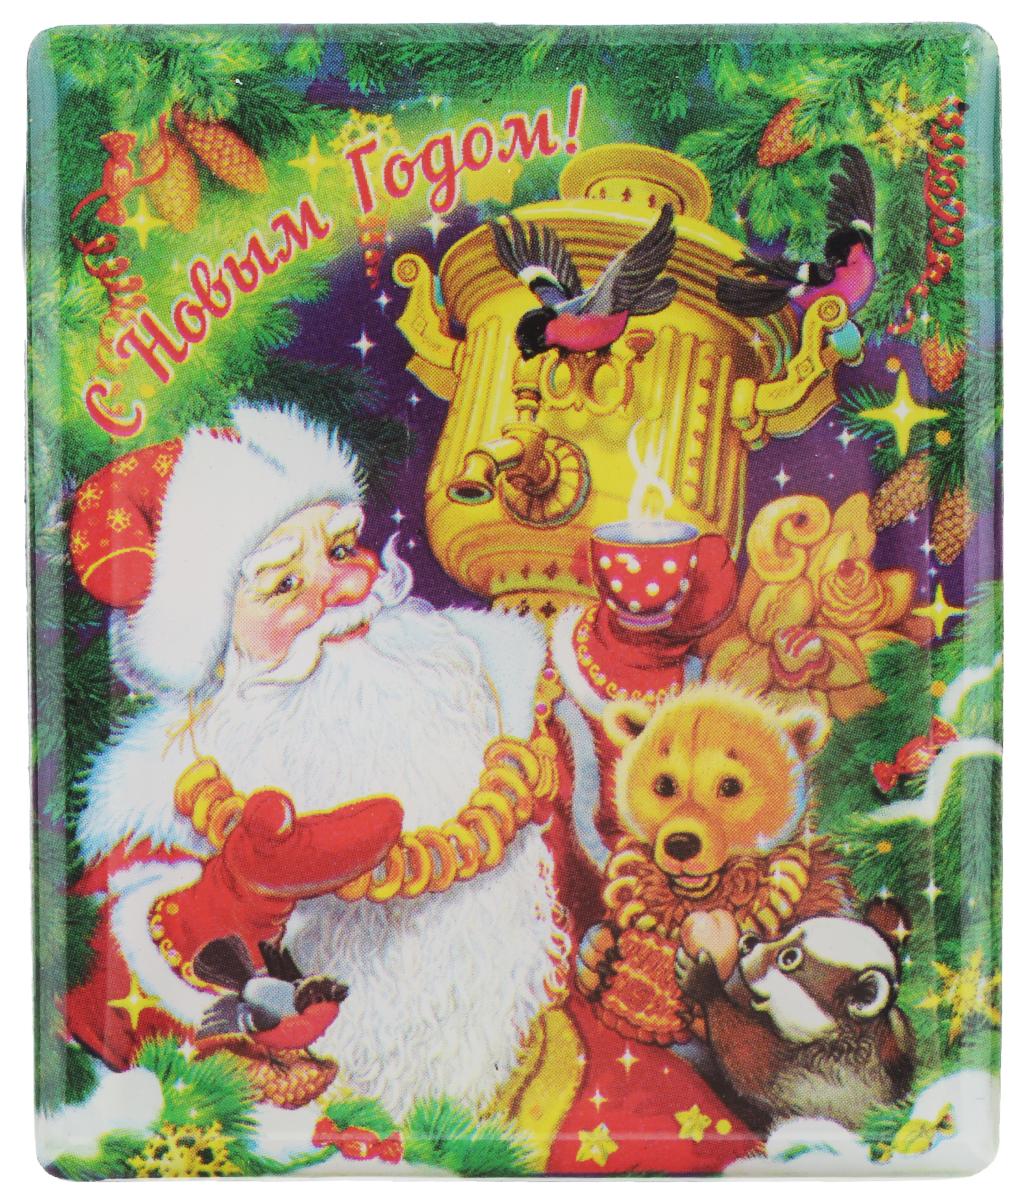 """Магнит прямоугольной формы Феникс-презент """"Дед Мороз с самоваром"""",  выполненный из агломерированного феррита, станет приятным штрихом в  повседневной жизни. Оригинальный магнит, декорированный изображением Деда Мороза и забавных зверят,  поможет вам украсить не только холодильник, но и любую другую магнитную  поверхность.  Материал: агломерированный феррит."""